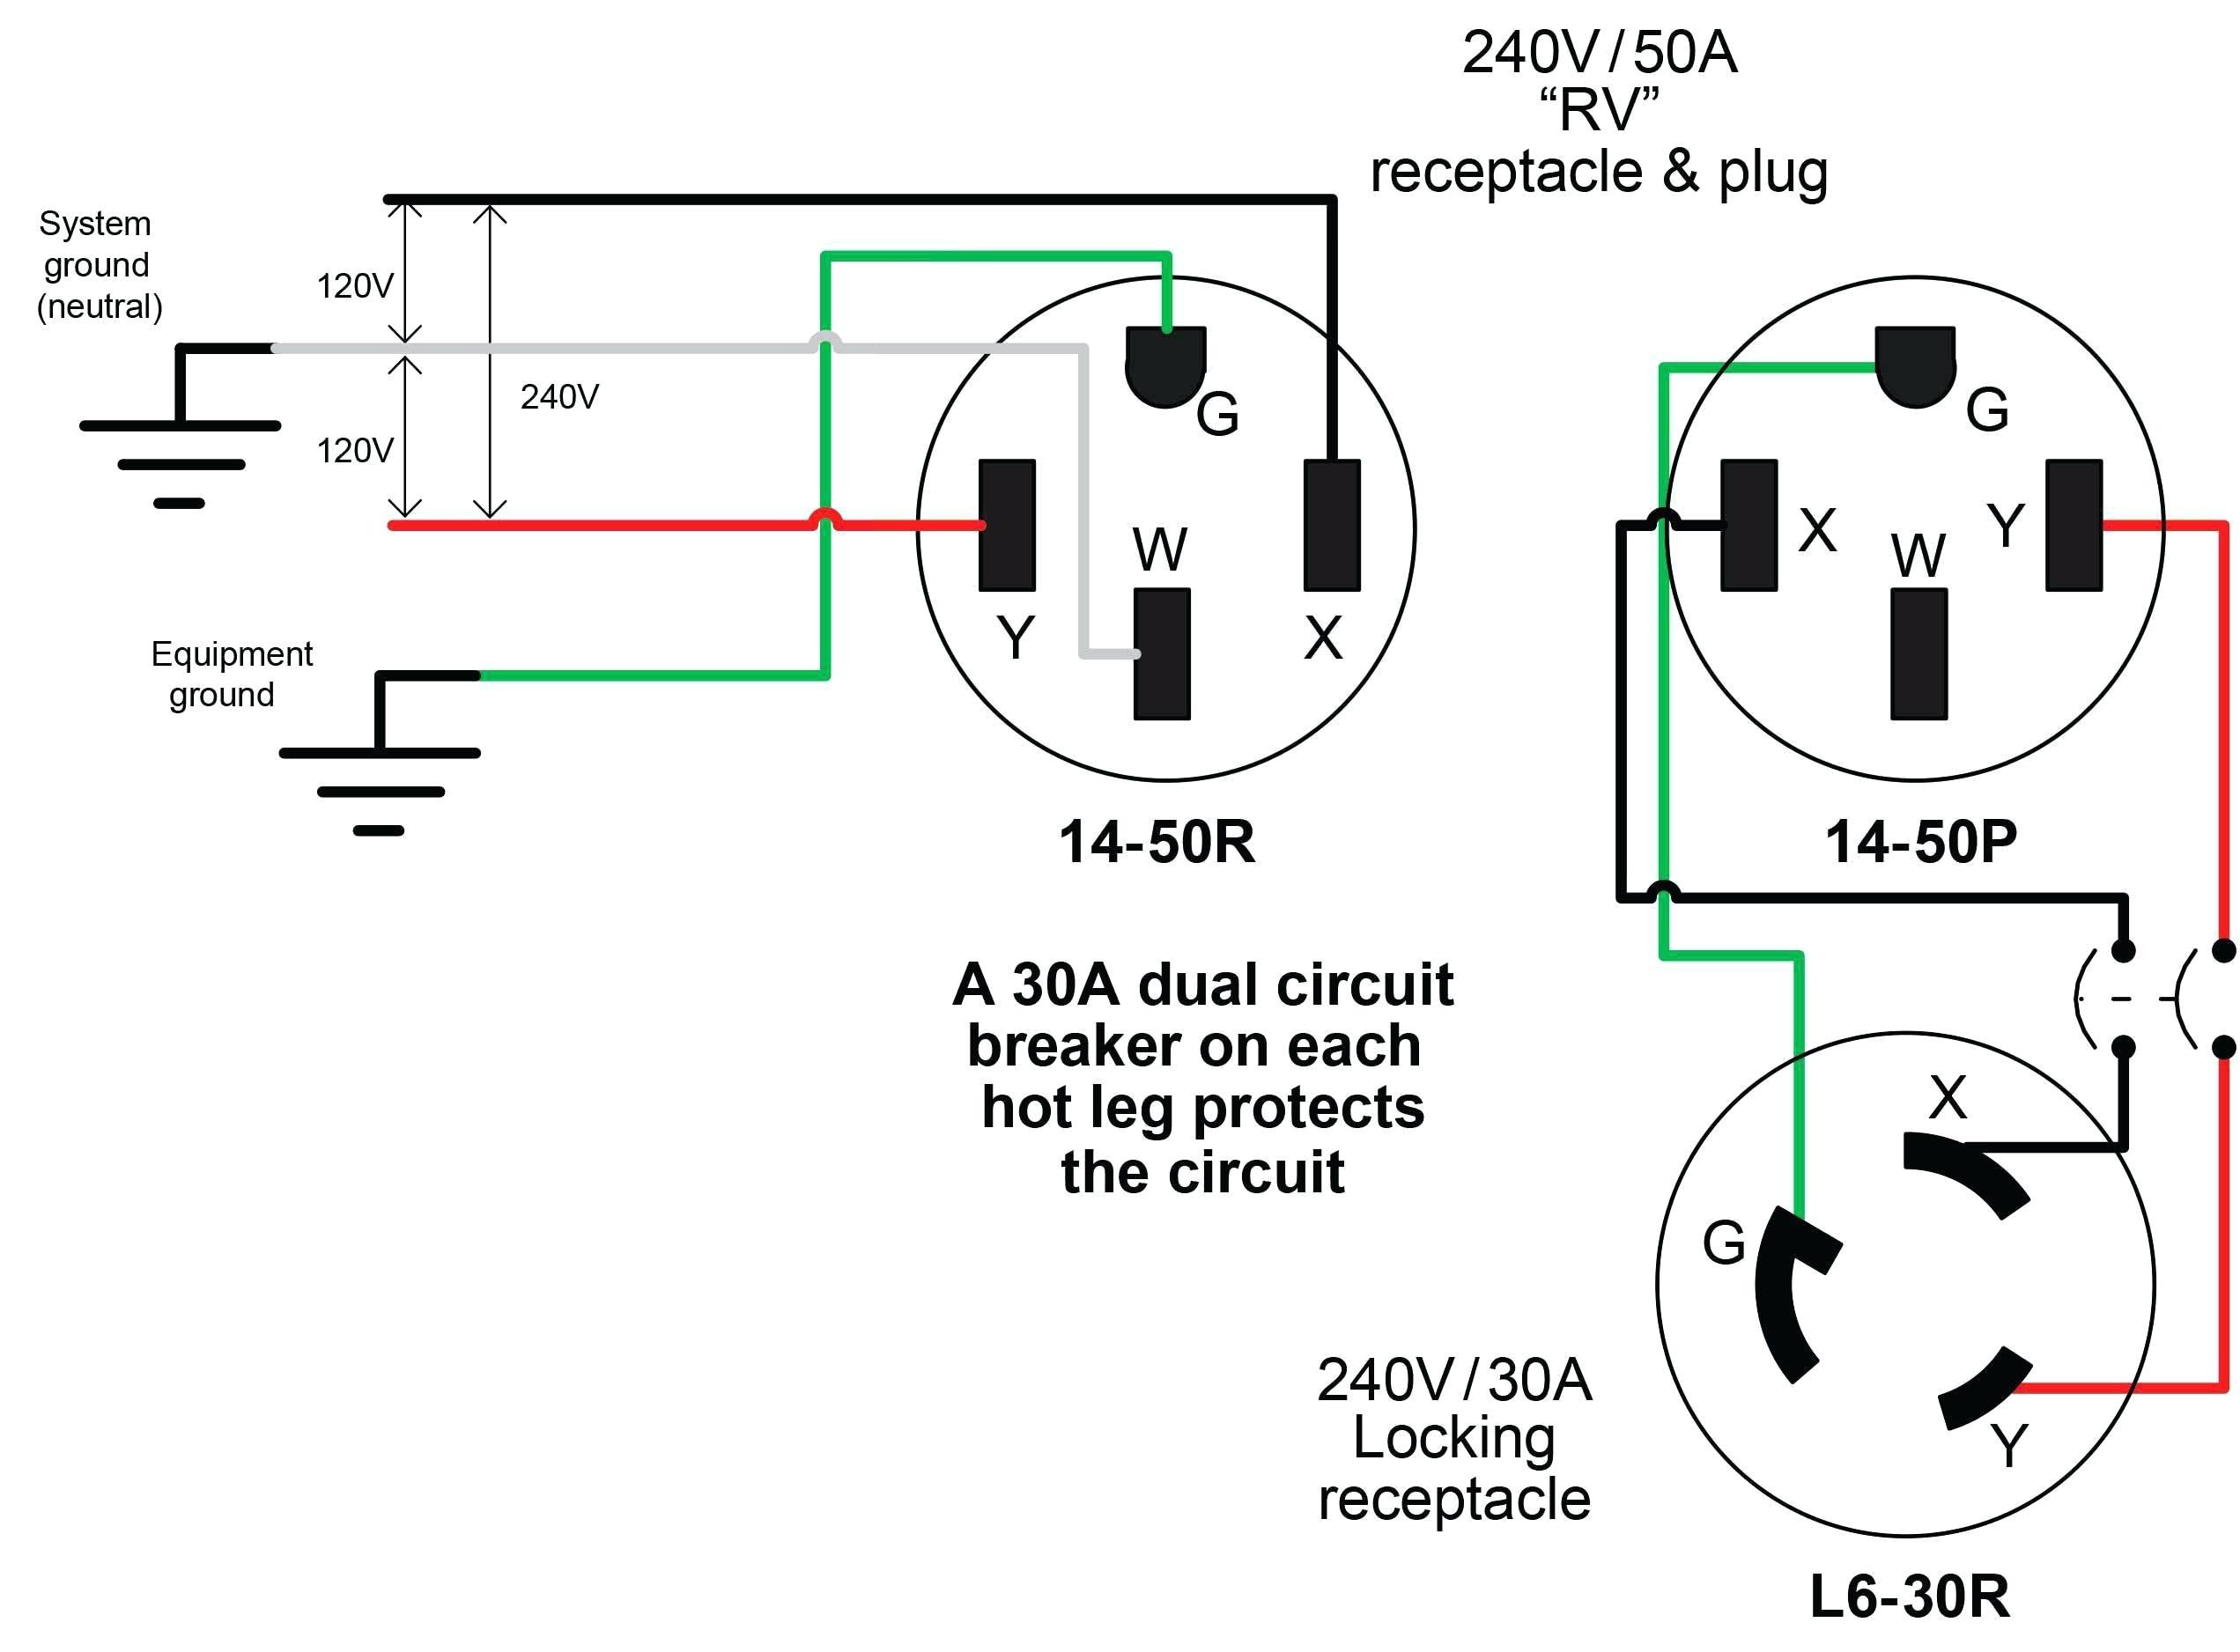 220v welder plug wiring diagram 220 plug wiring diagram tryit me at receptacle 16g jpg